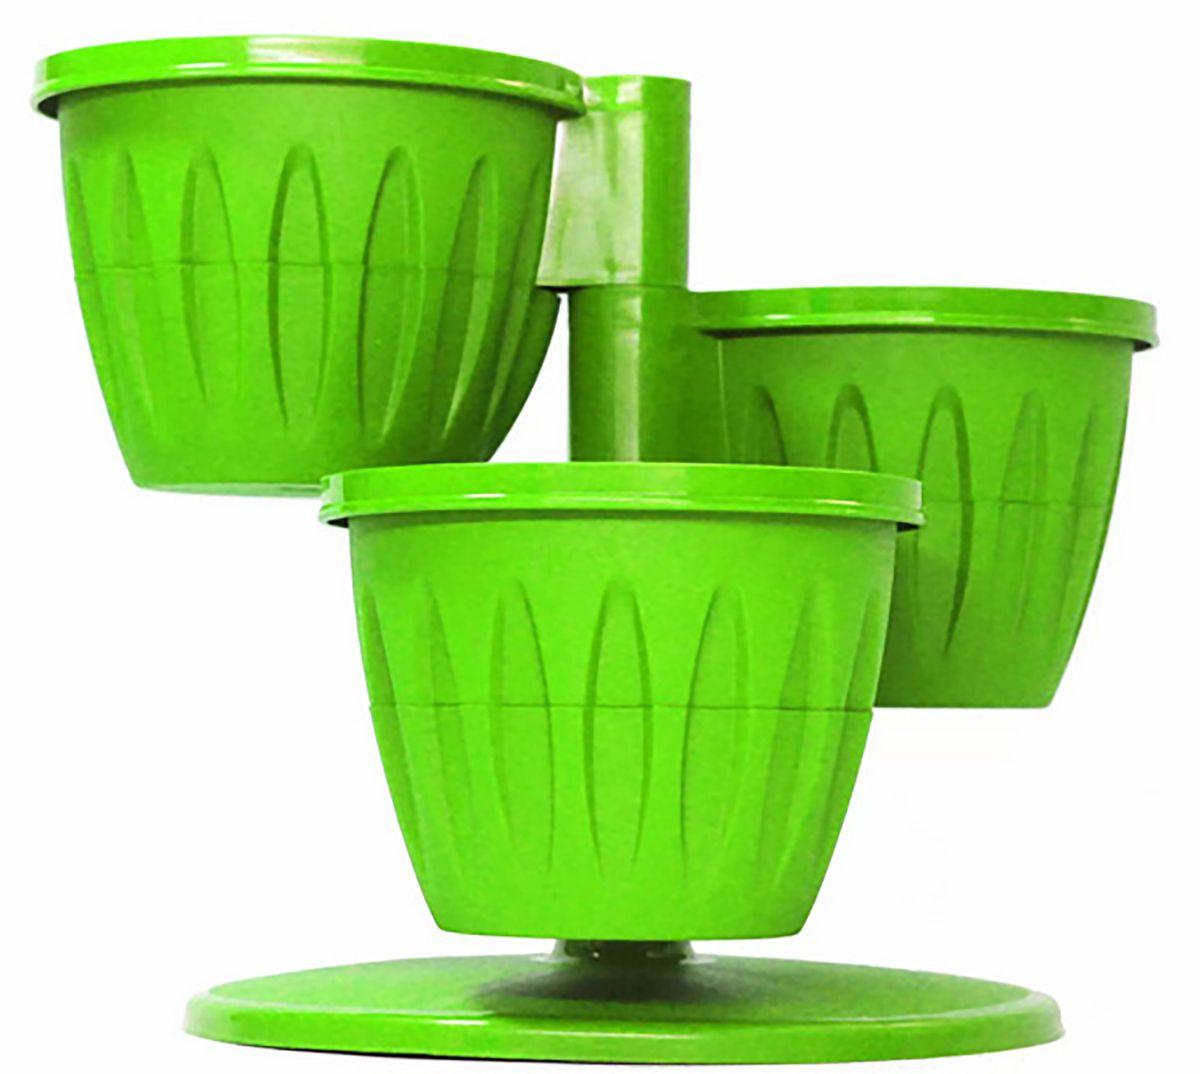 Цветочный каскад JetPlast Каскад, с подставкой, цвет: фисташковый, 29 x 23 см531-326Цветочный каскад состоит из трех горшков, установленных на одну подставку. Каждый горшок состоит из двух частей: в верхнюю высаживается растение, а нижняя часть используется как резервуар для воды. Цветочный каскад позволяет вам эффективно использовать площадь подоконника для высадки растений.